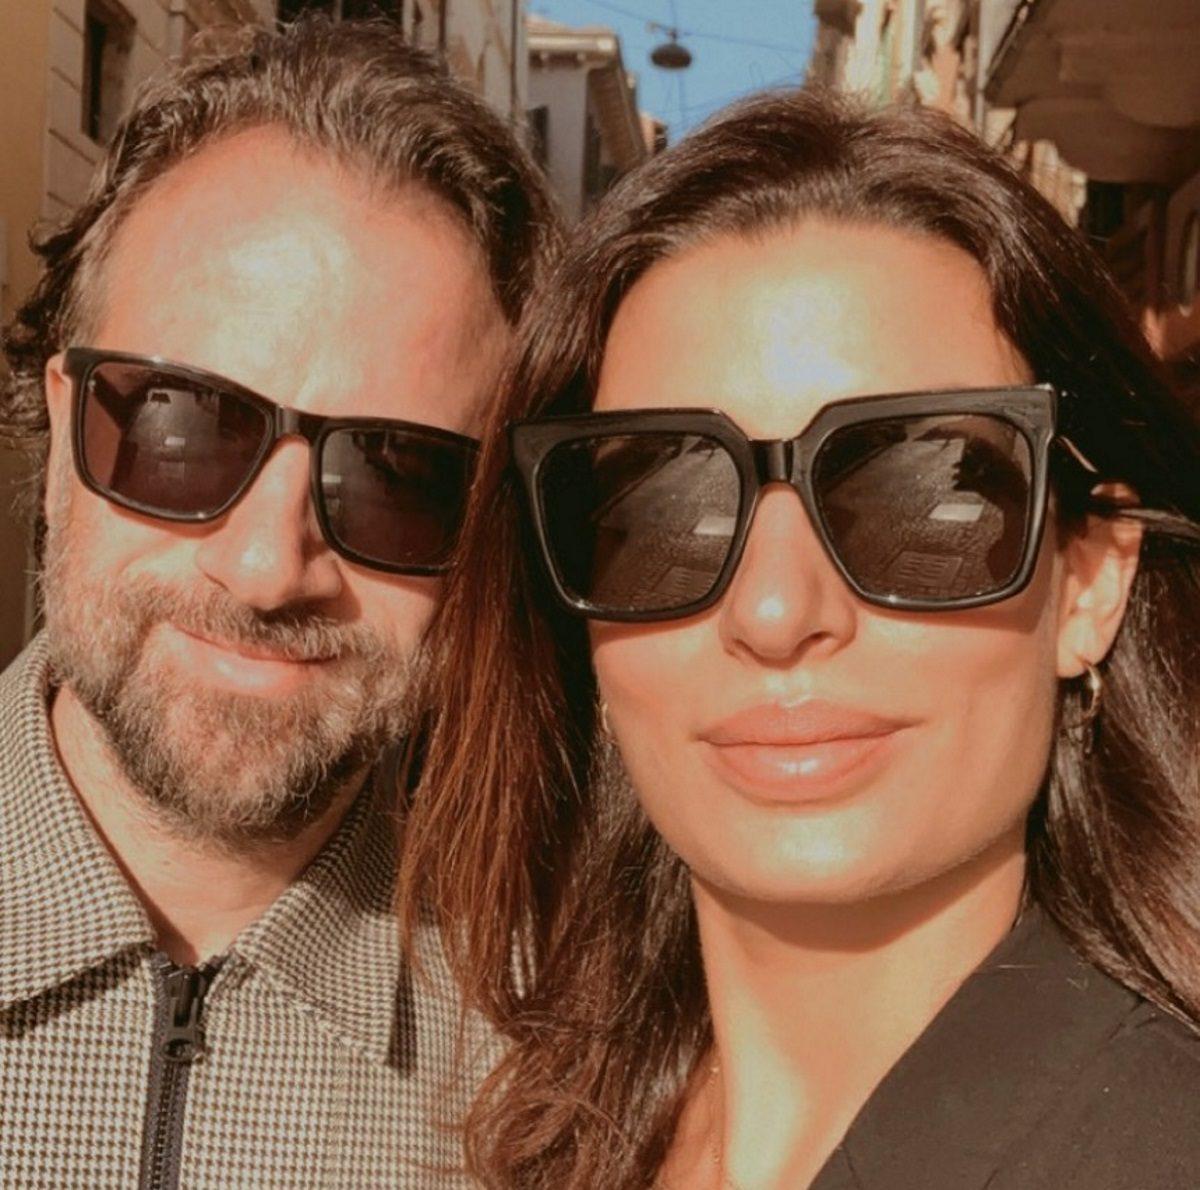 Τόνια Σωτηροπούλου – Κωστής Μαραβέγιας: Ζουν τον έρωτά τους στην Βερόνα! [pics,vid] | tlife.gr